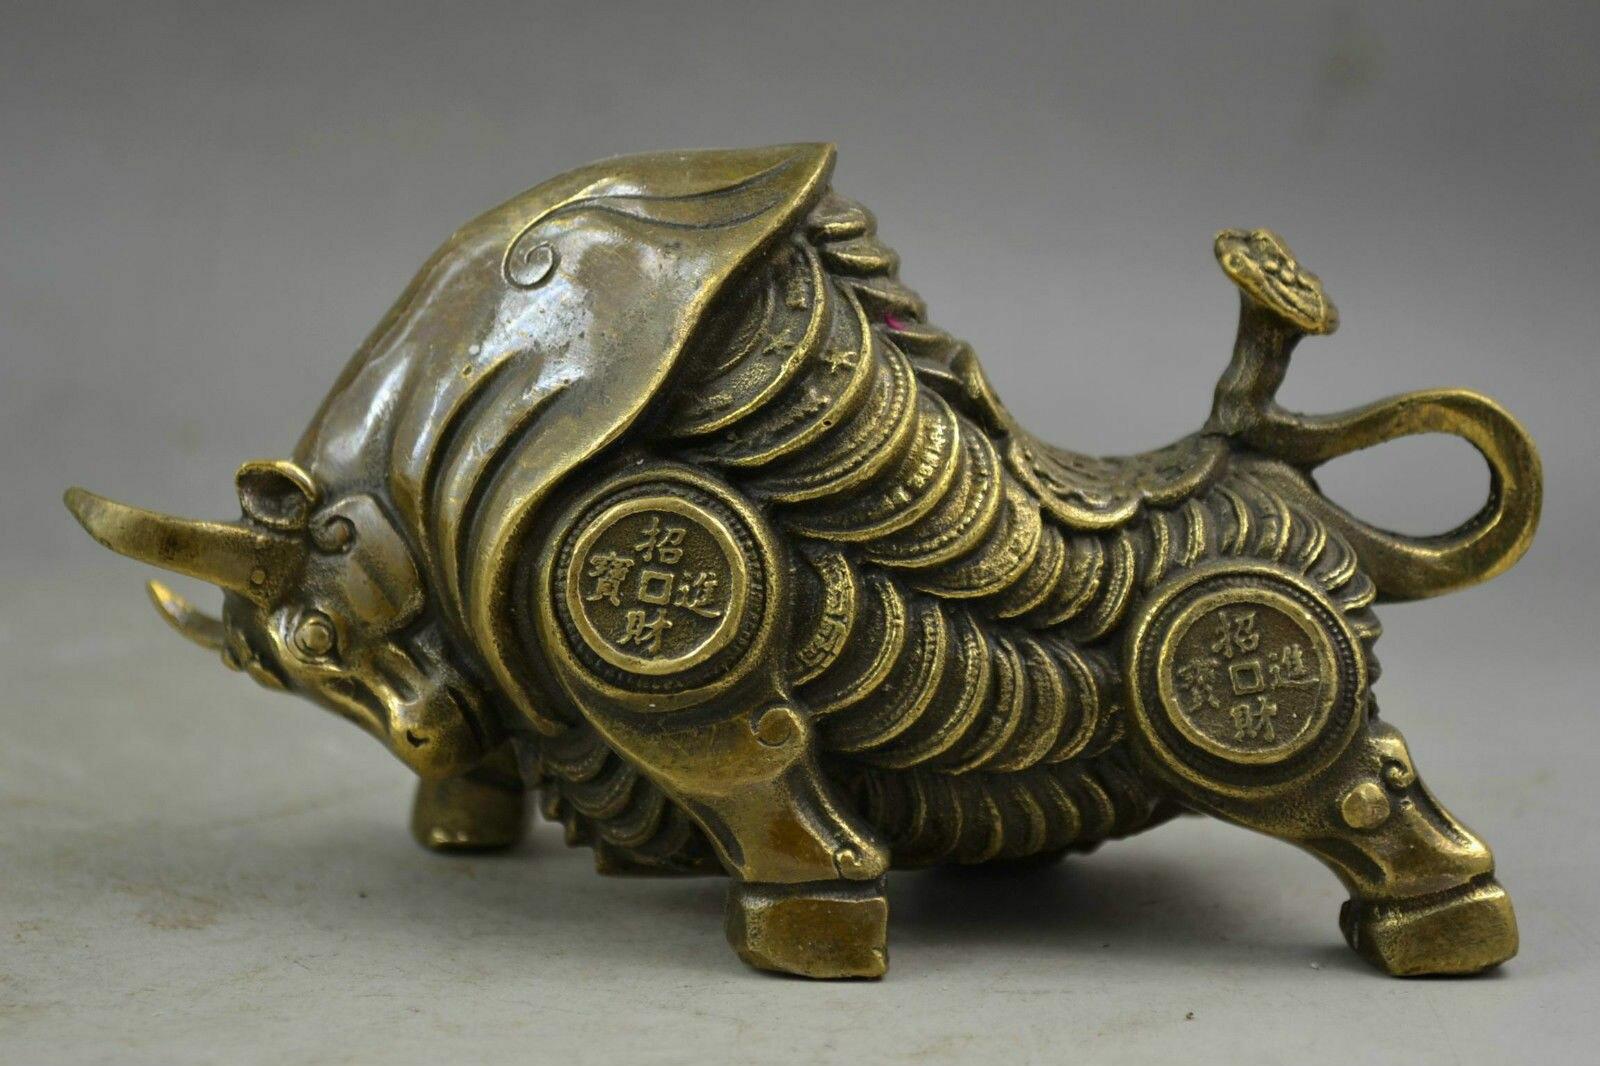 Collection laiton chinois sculpté zodiaque animaux bovins vaches apporter or monnaie argent exquise petites Statues